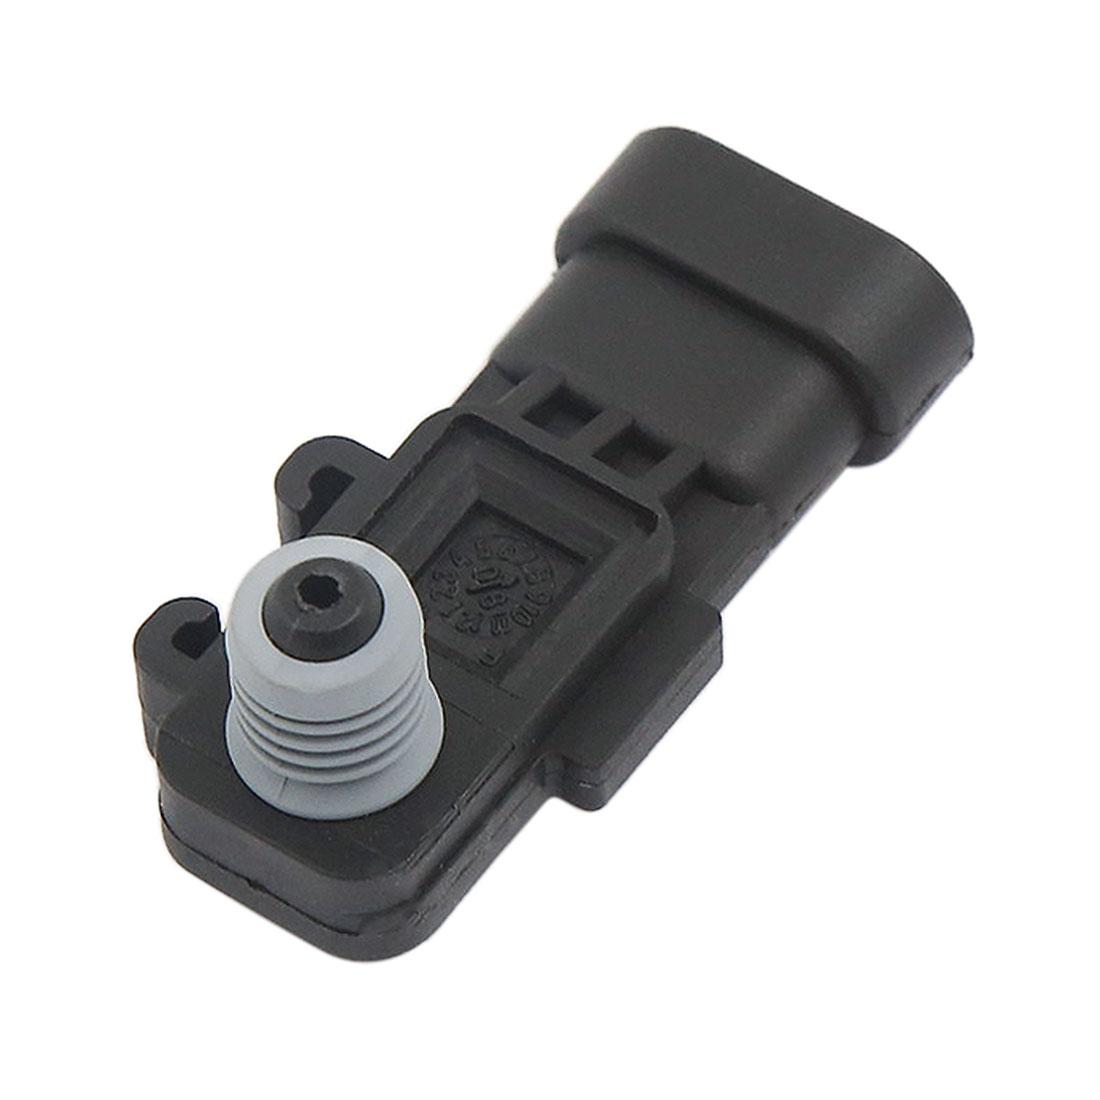 16238399 Fuel Pump Tank vapor Vent Pressure Sensor for Acura Cadillac Chevrolet